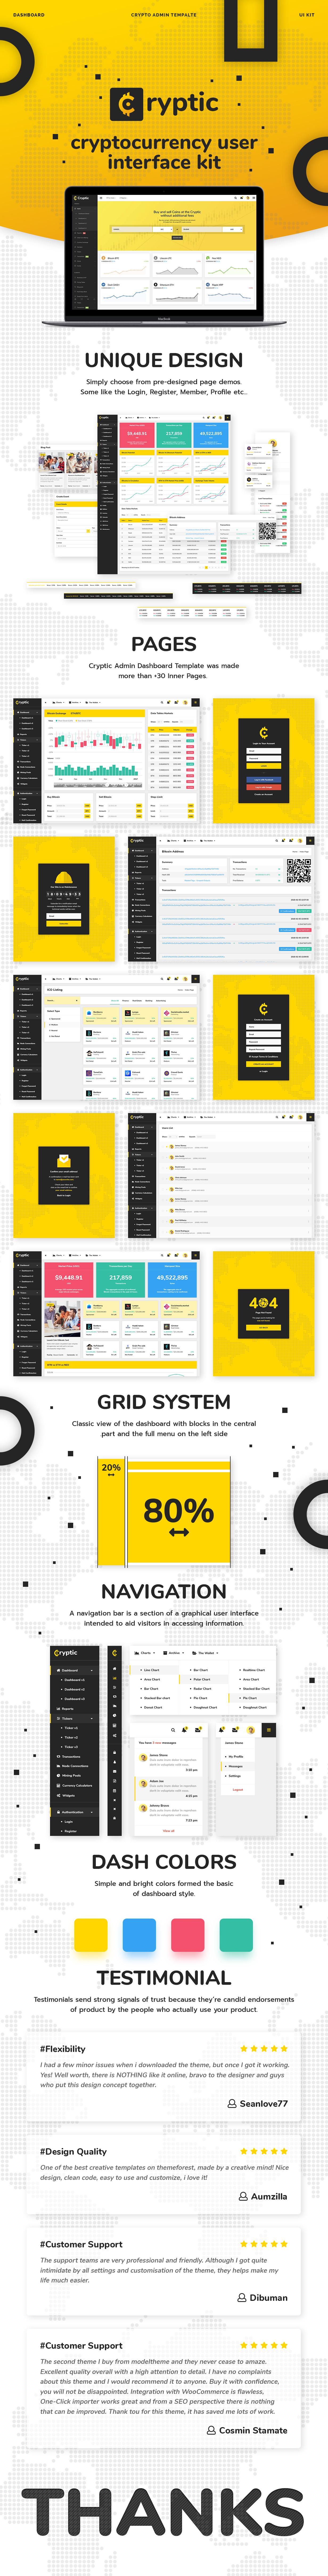 Cryptic - Crypto UI Kit - 8